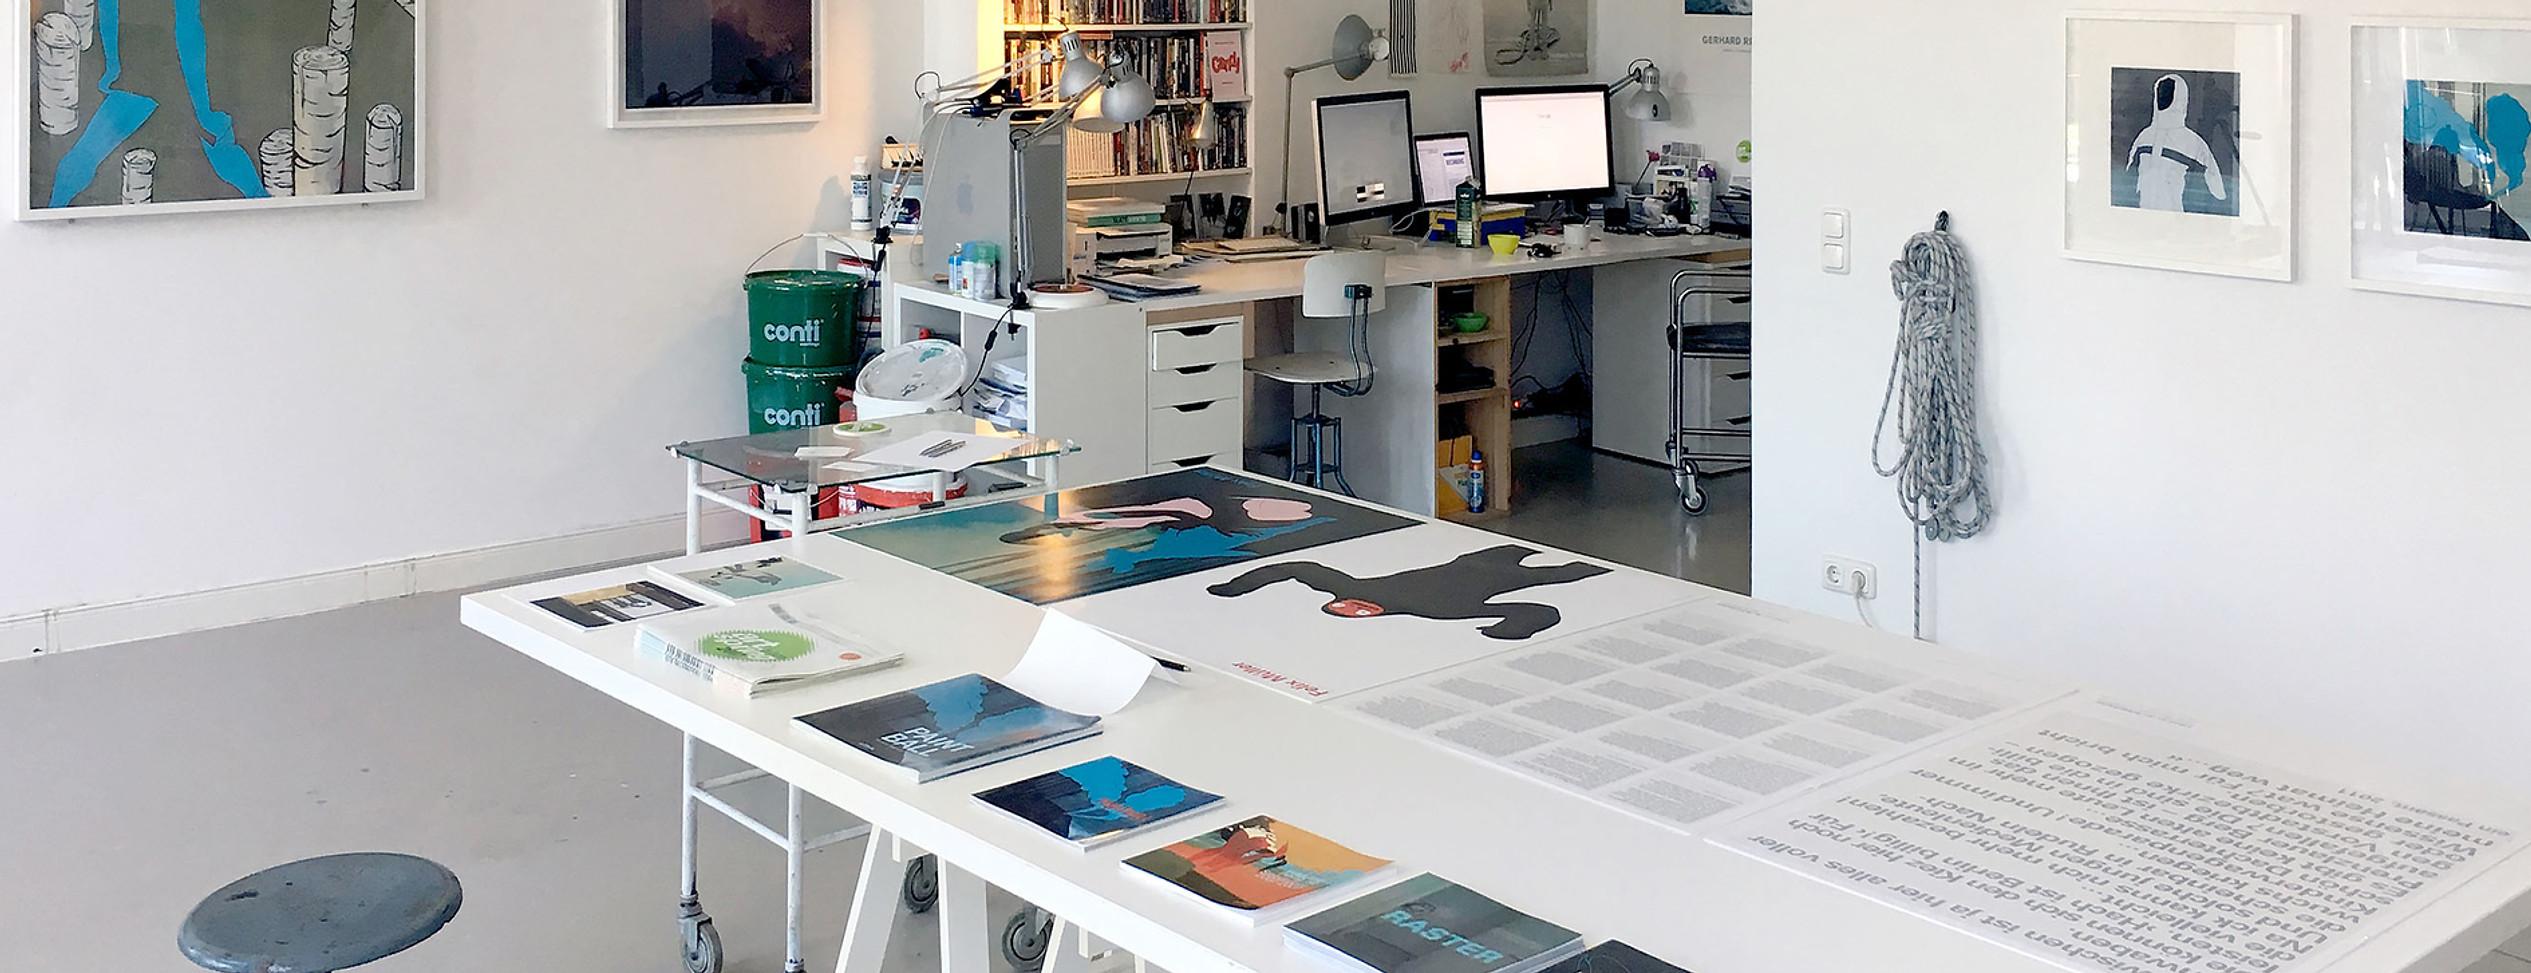 Berliner Grafik-Agentur Mueller and Friends. Dies ist unser Arbeitsraum.